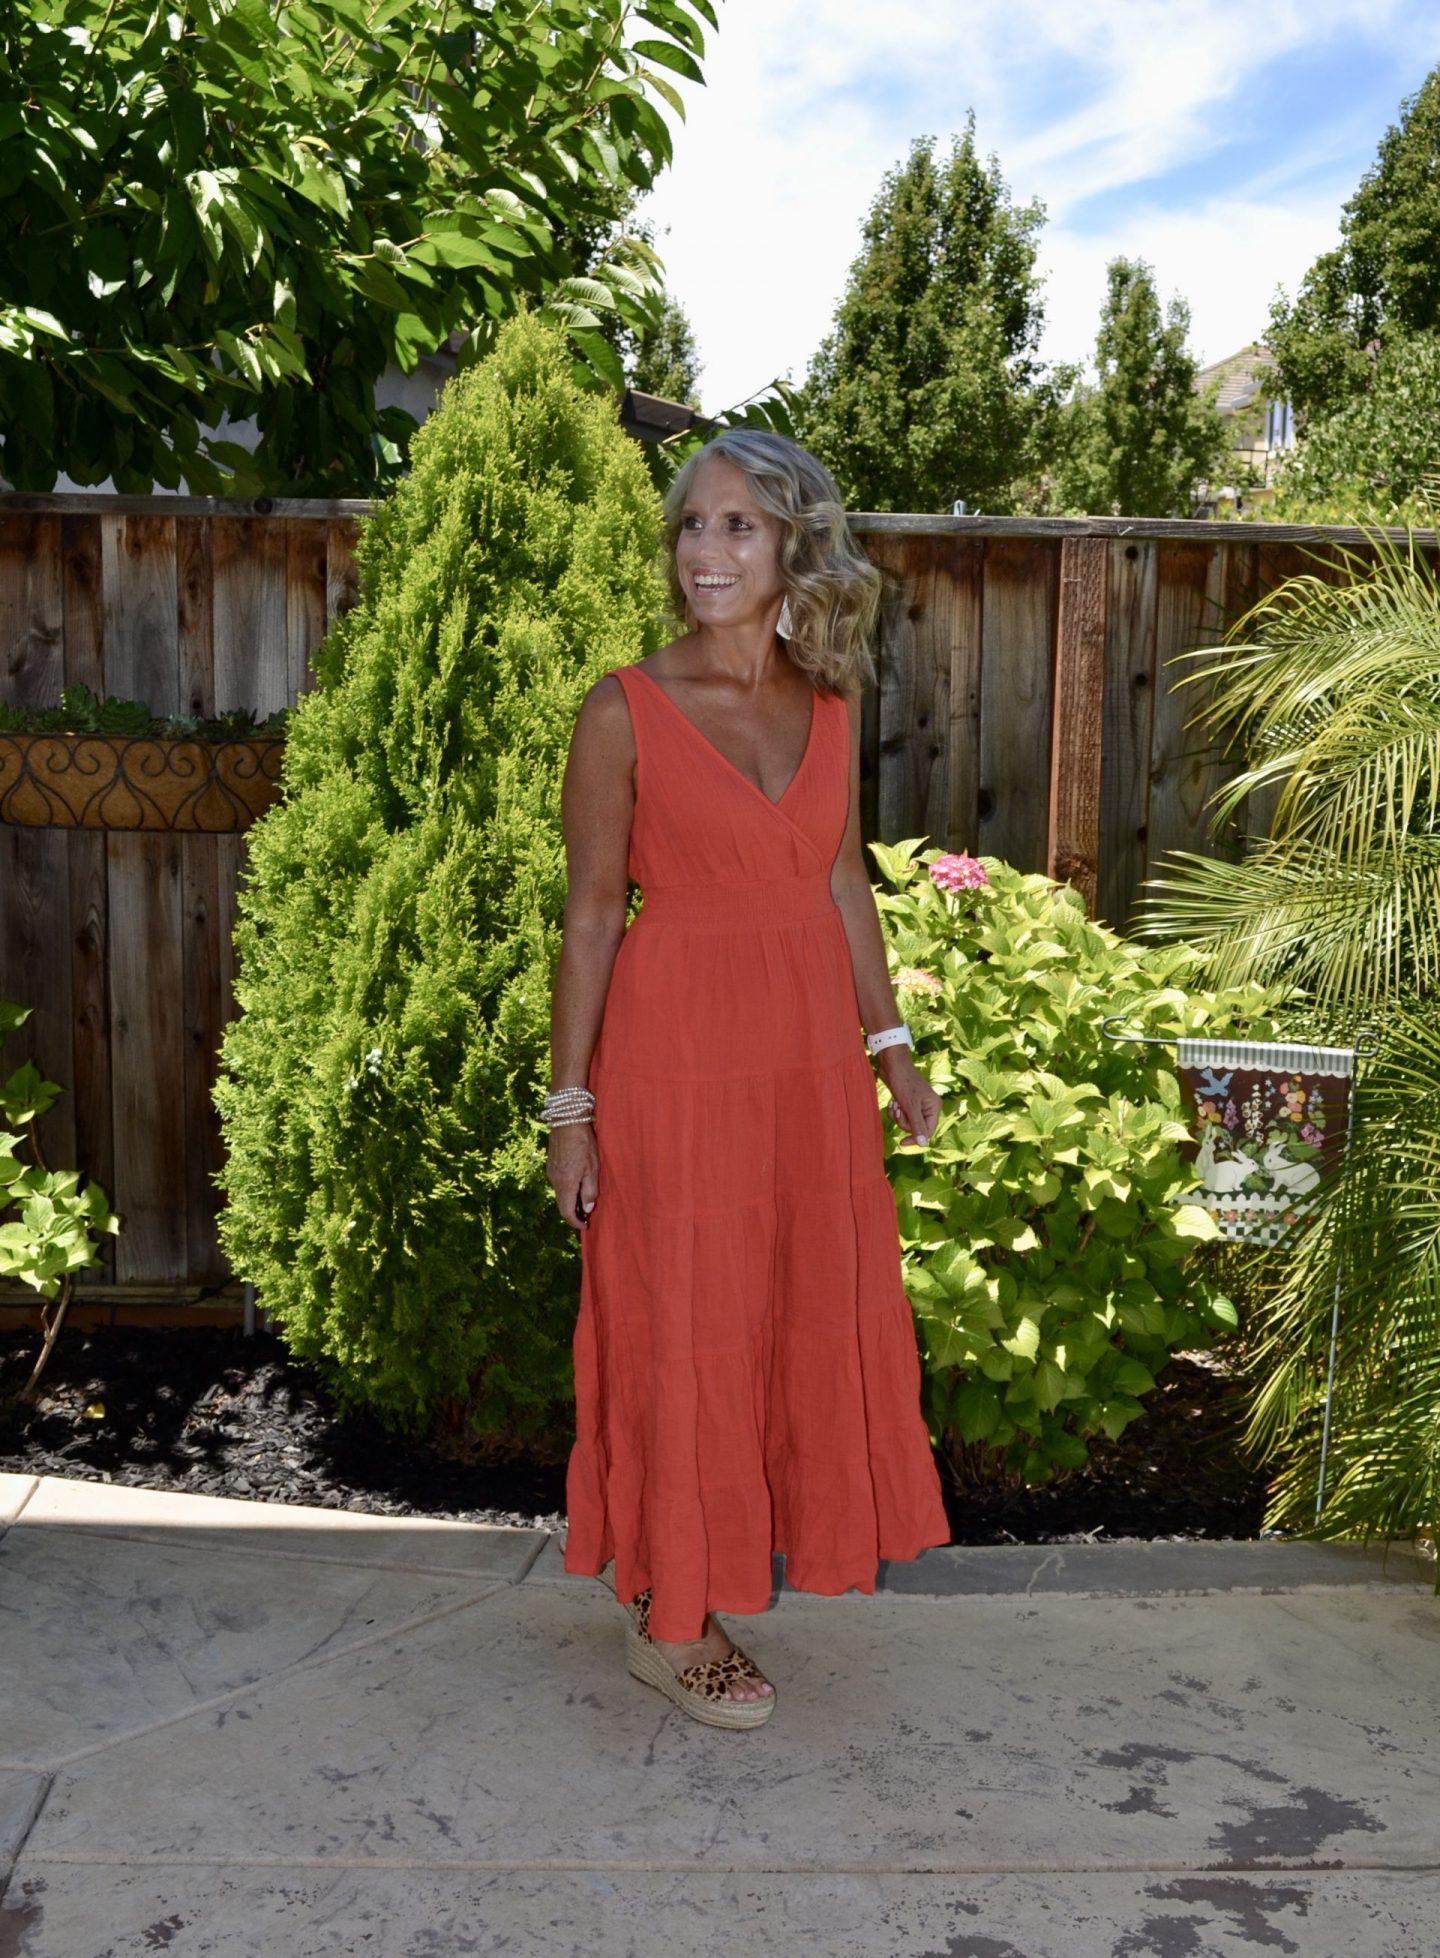 Target Dress Coast to Coast